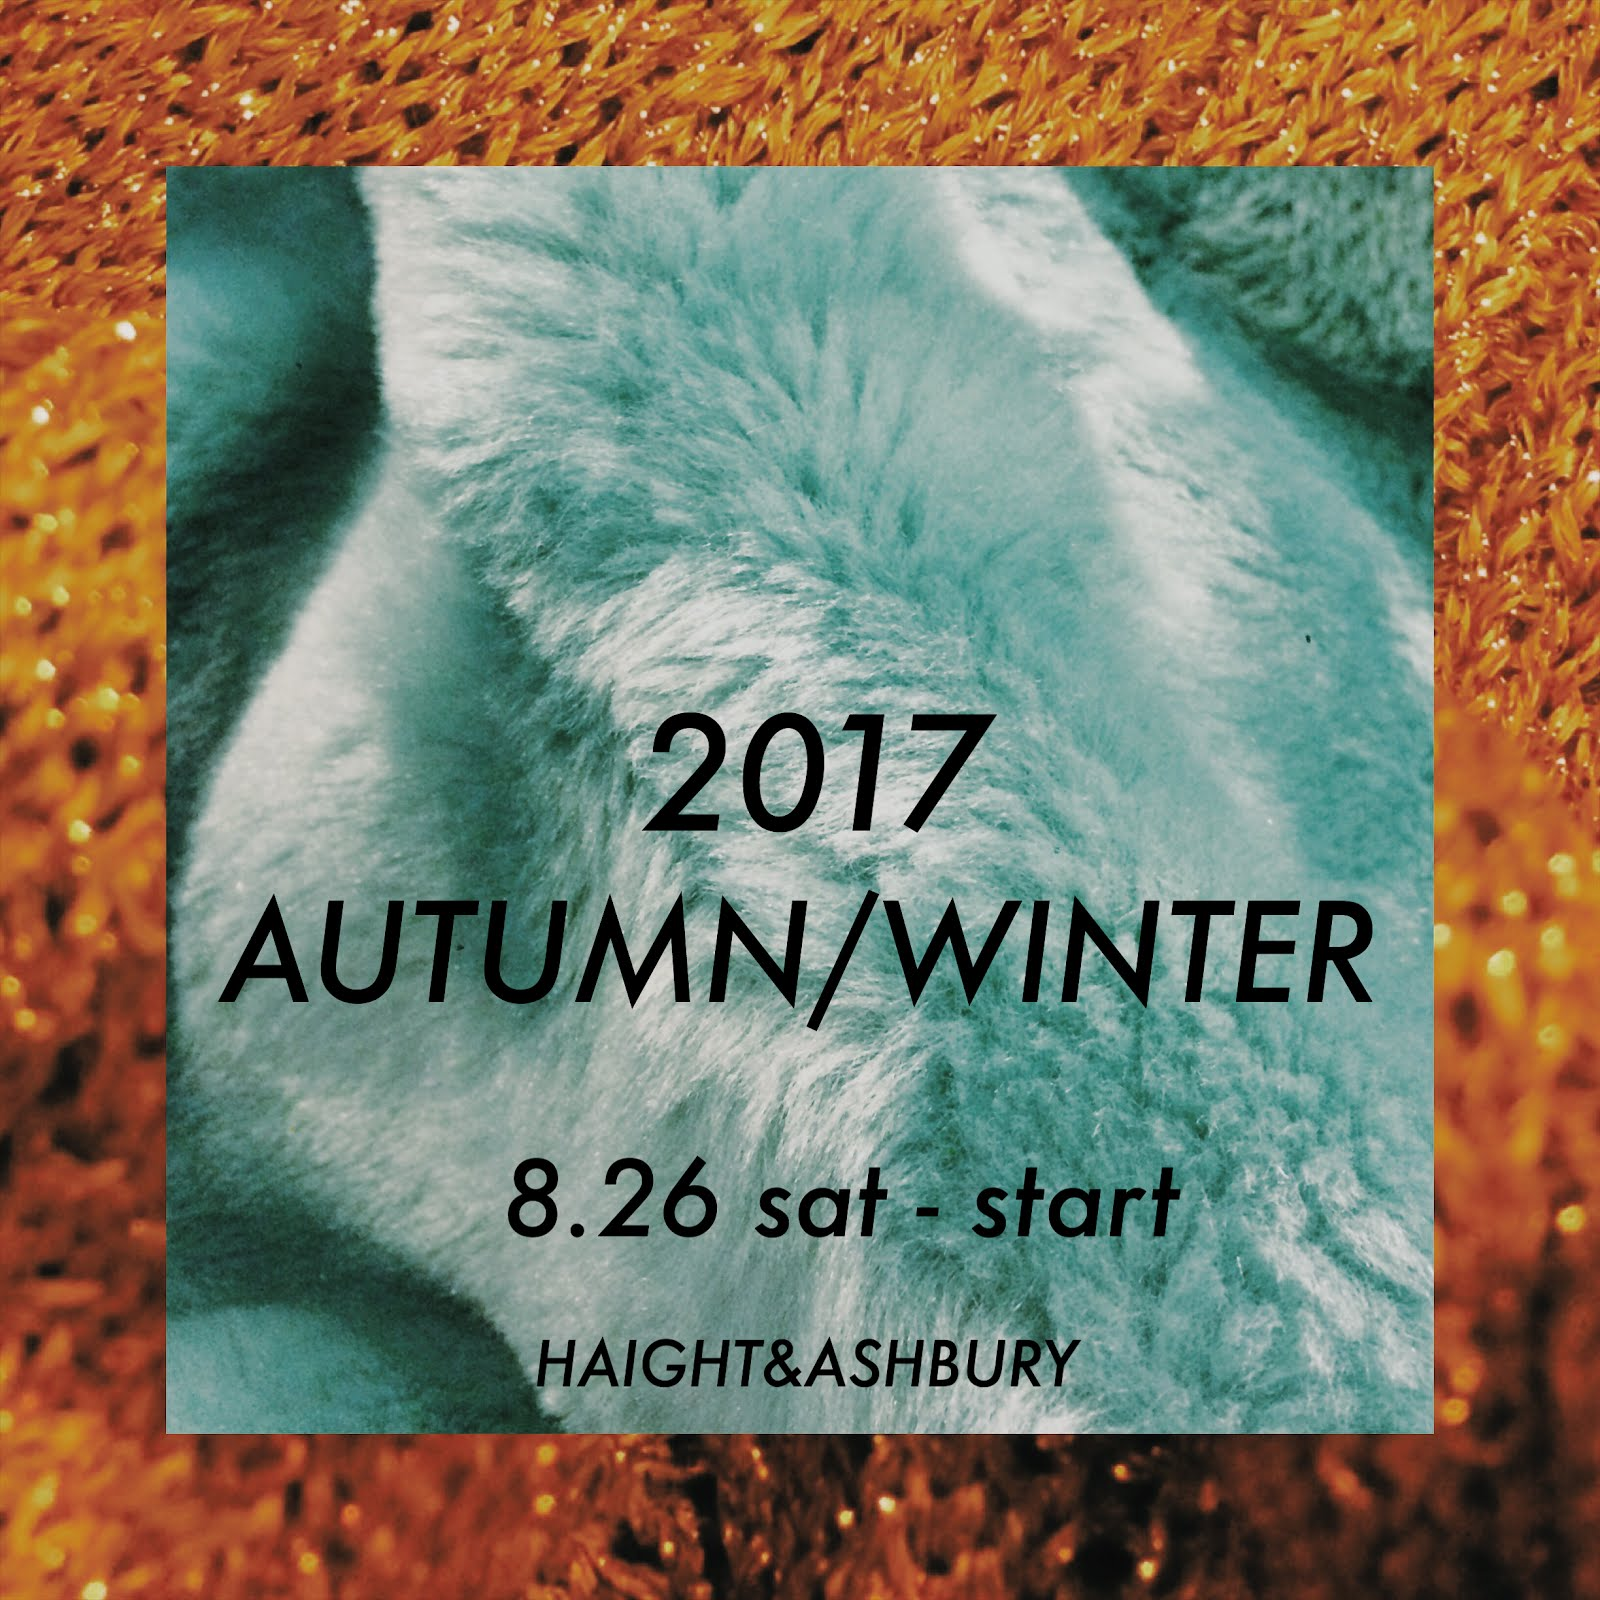 8月26日より秋冬スタート!